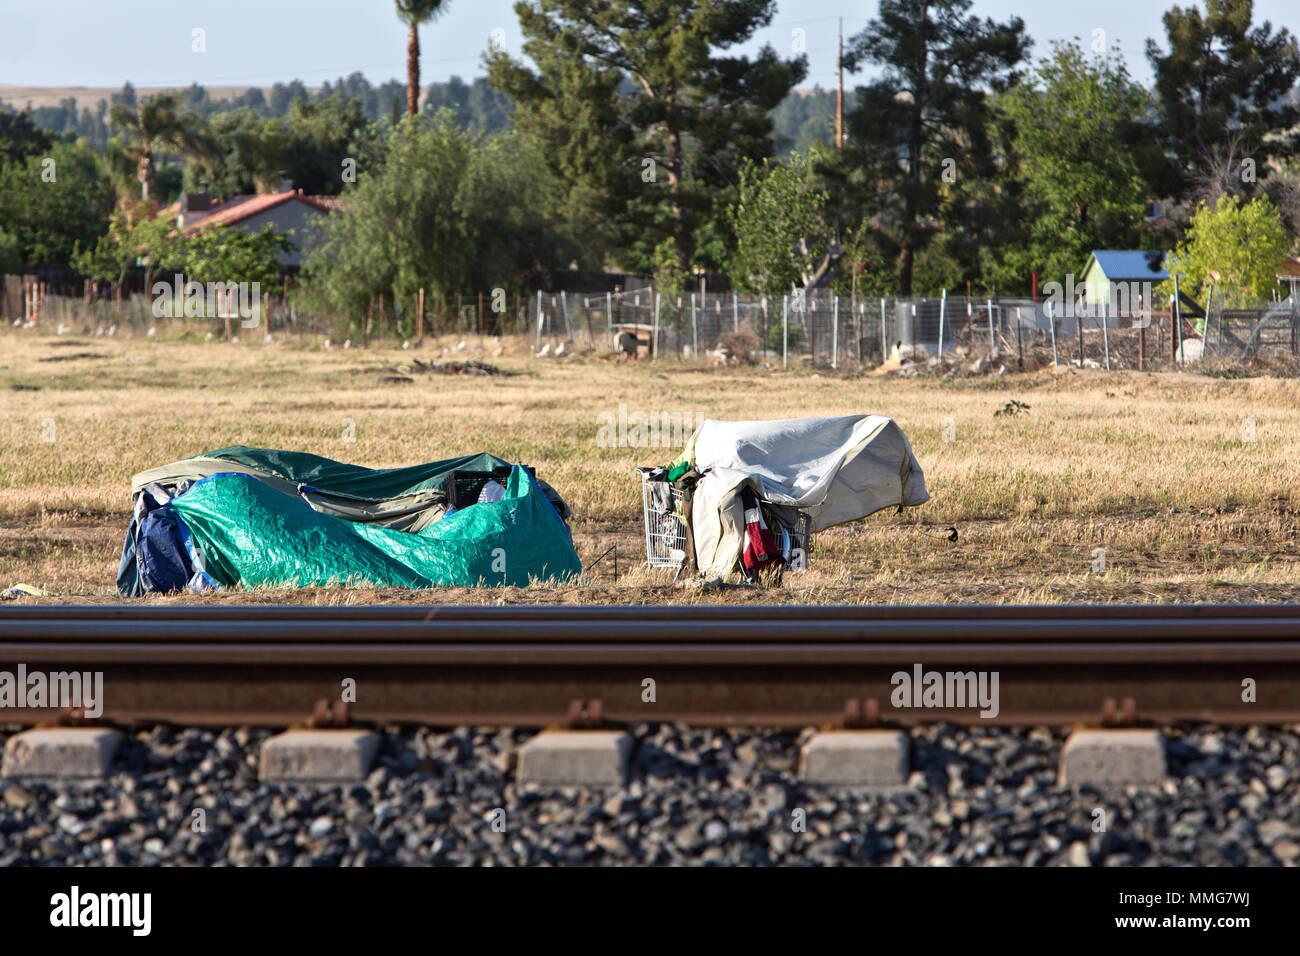 Camp de sans-abri, des voies de chemin de fer, les régions rurales du comté de Kern, en arrière-plan de lotissement clôturé, en Californie. Photo Stock